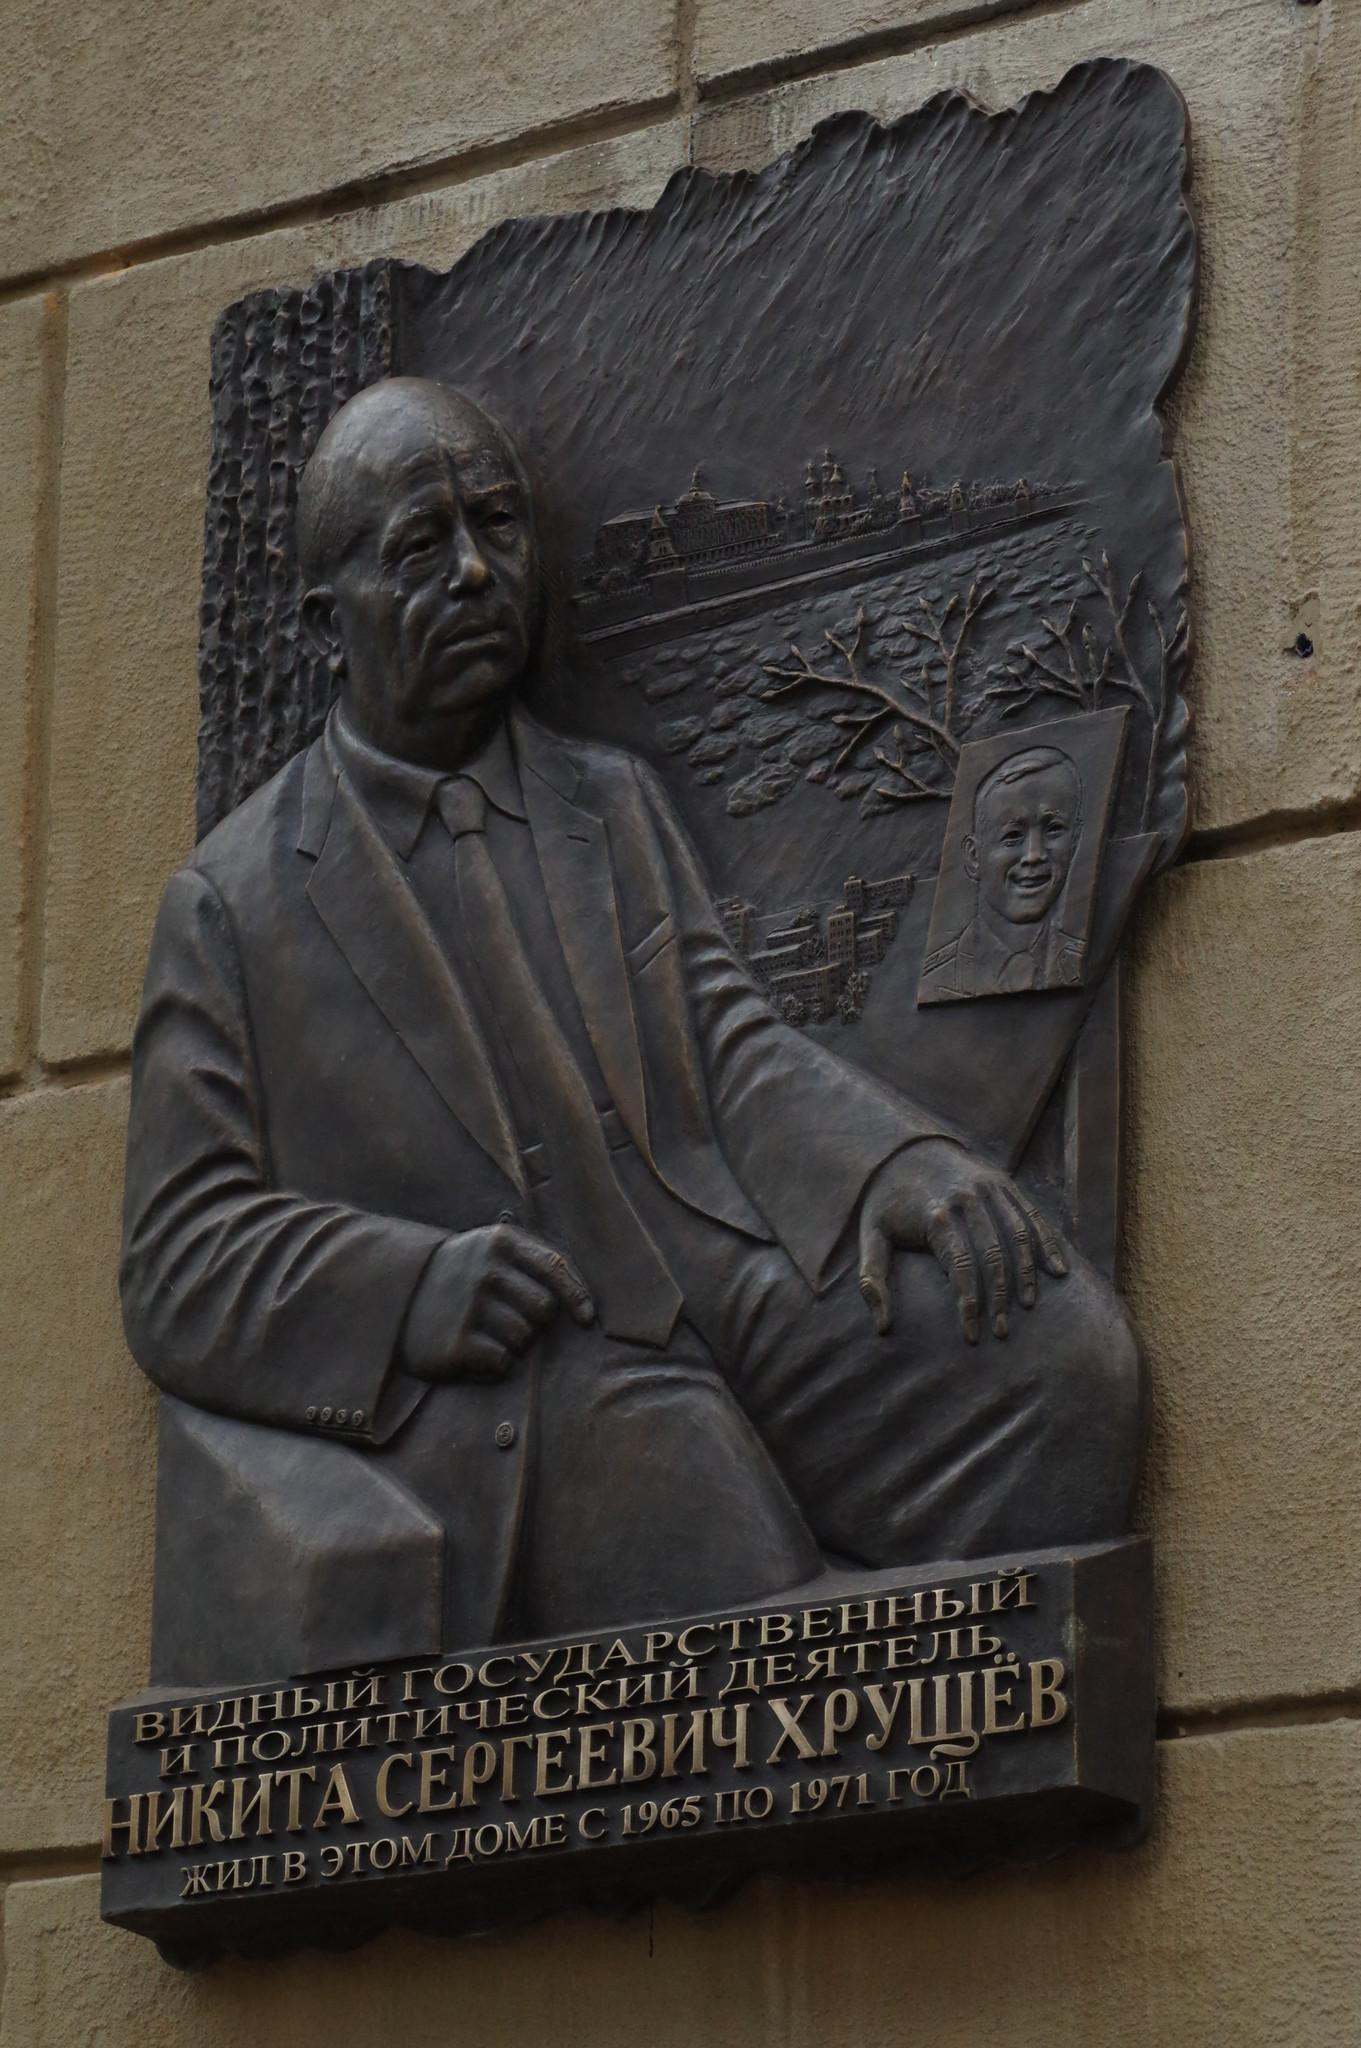 Мемориальная доска на фасаде дома (Староконюшенный переулок, дом 19), где с 1965 года по 1971 год жил Никита Сергеевич Хрущёв